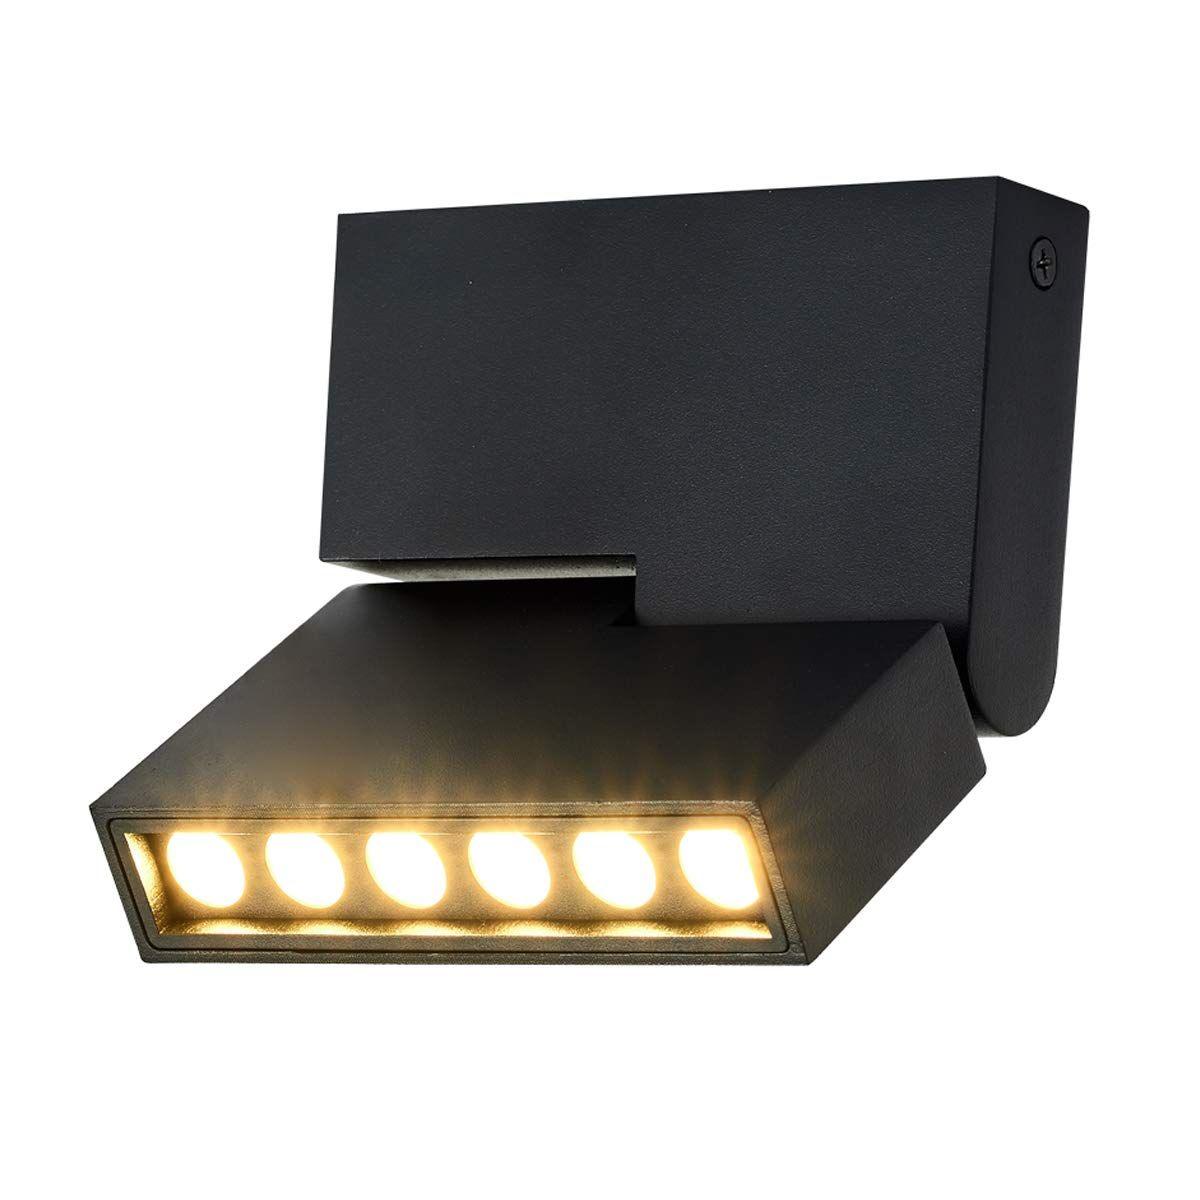 Faretti E Spot Da Soffitto haofu 12w led spot light faretti da soffitto/faretto lampada